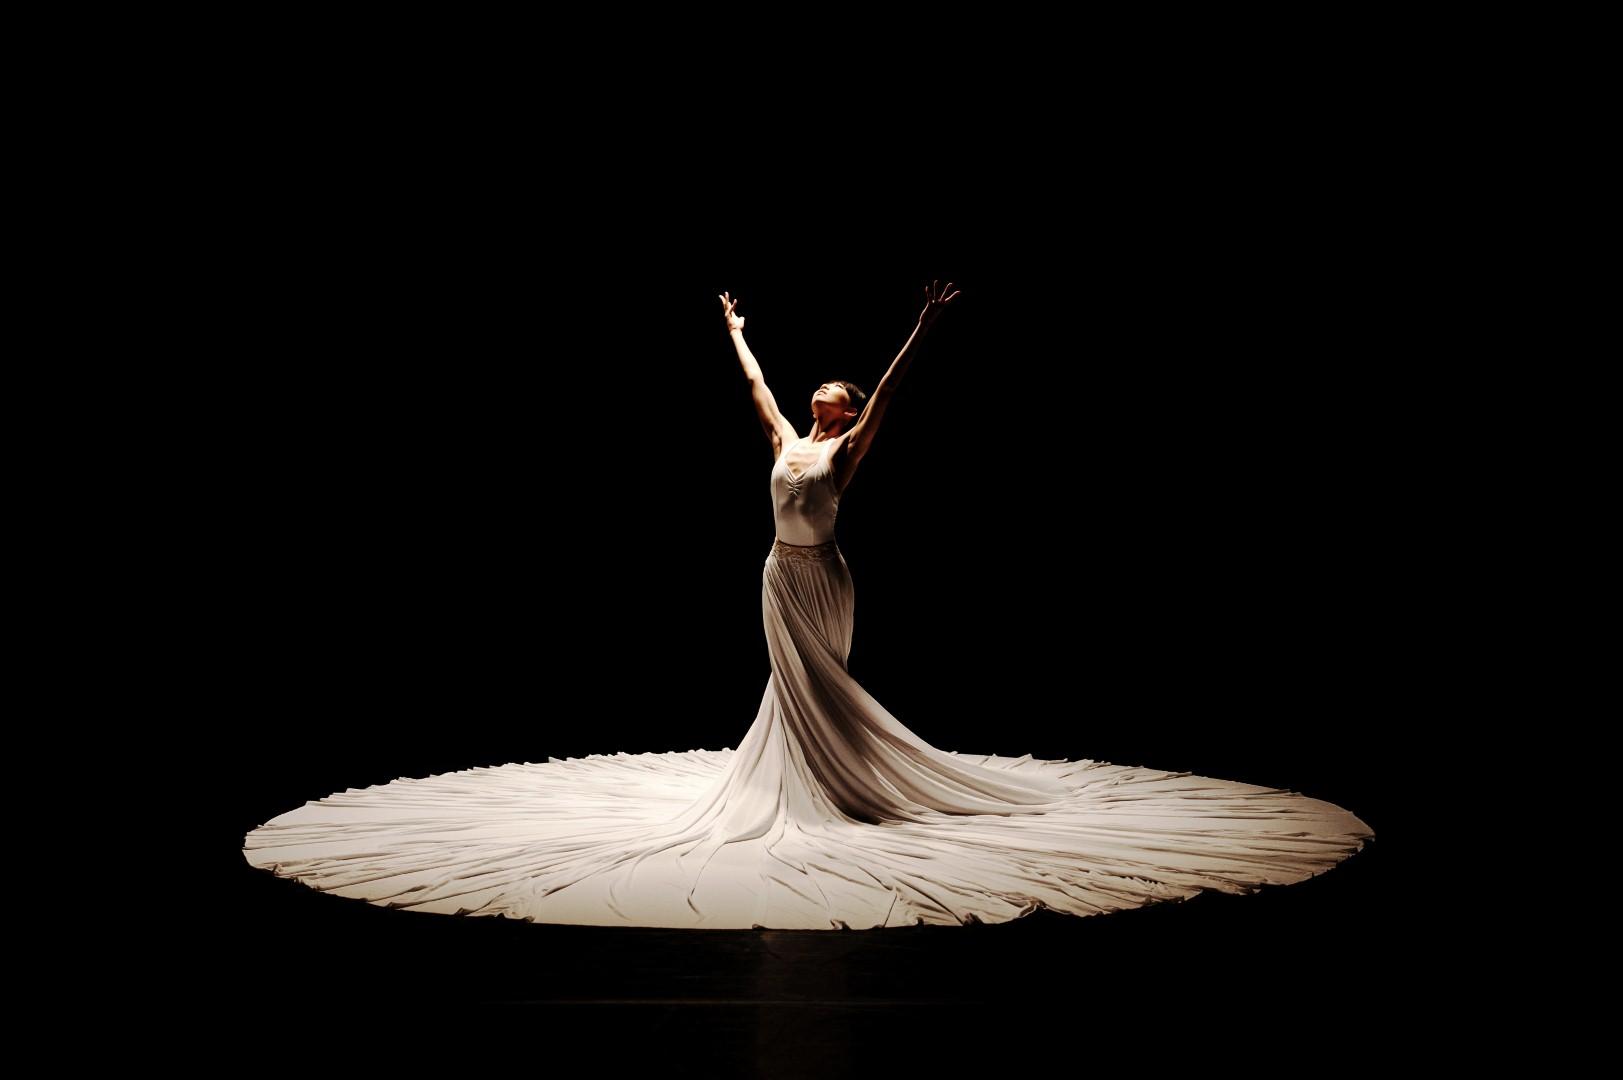 Гипнотические танцы под «Соло» Баха и сонеты Шекспира от JLD